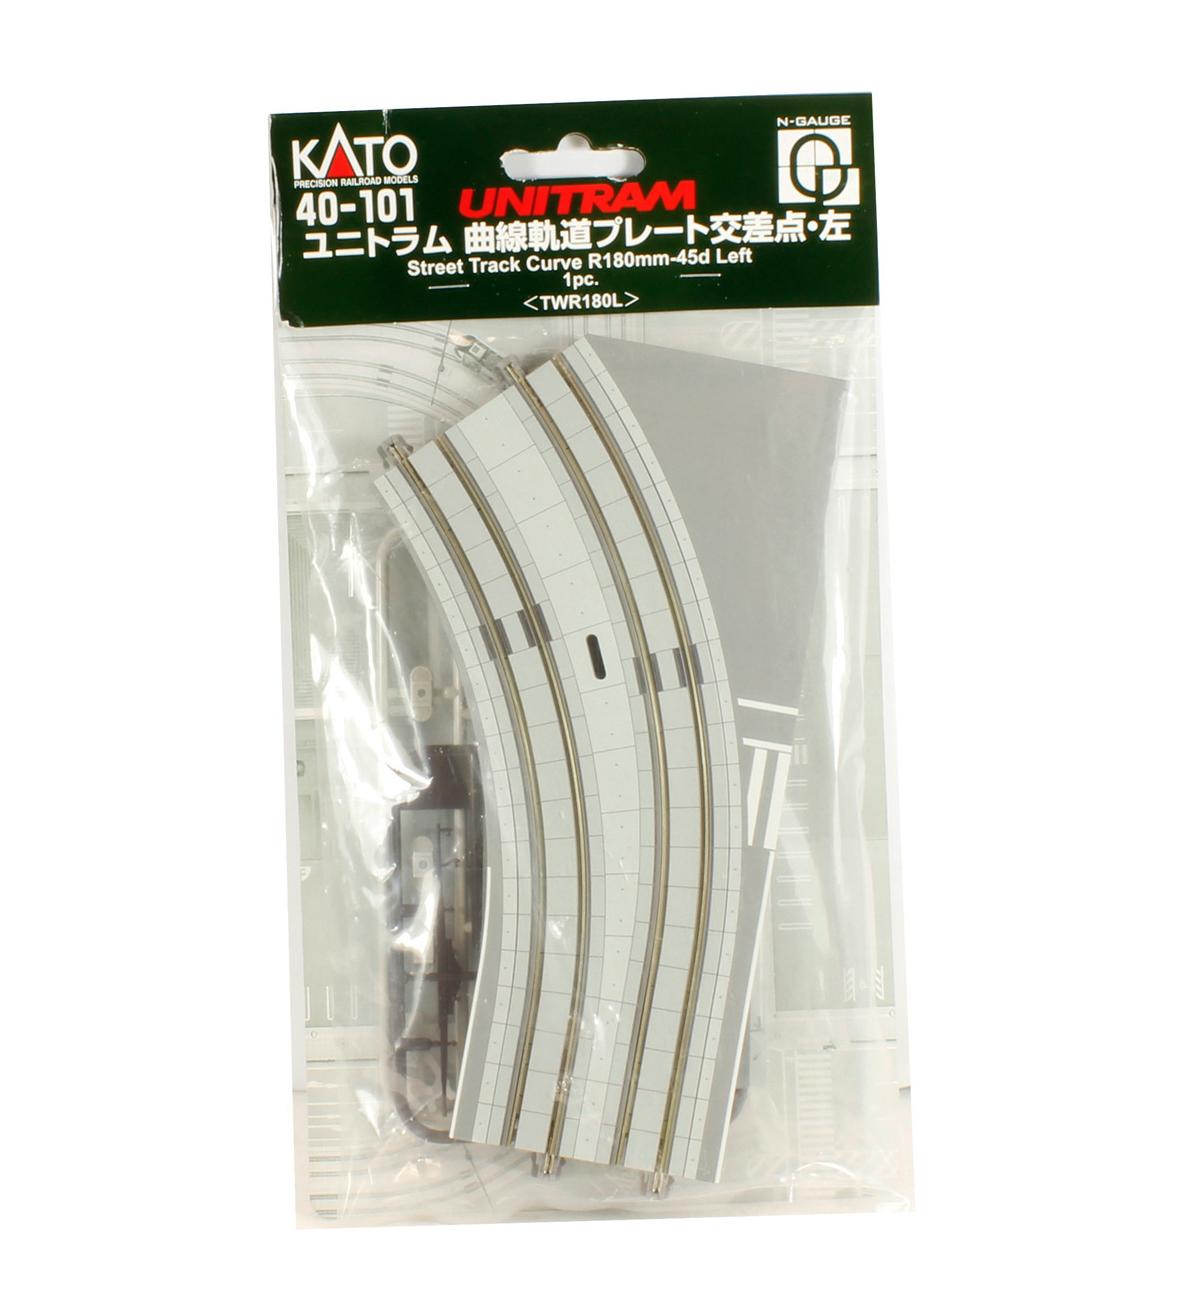 kato_40-101